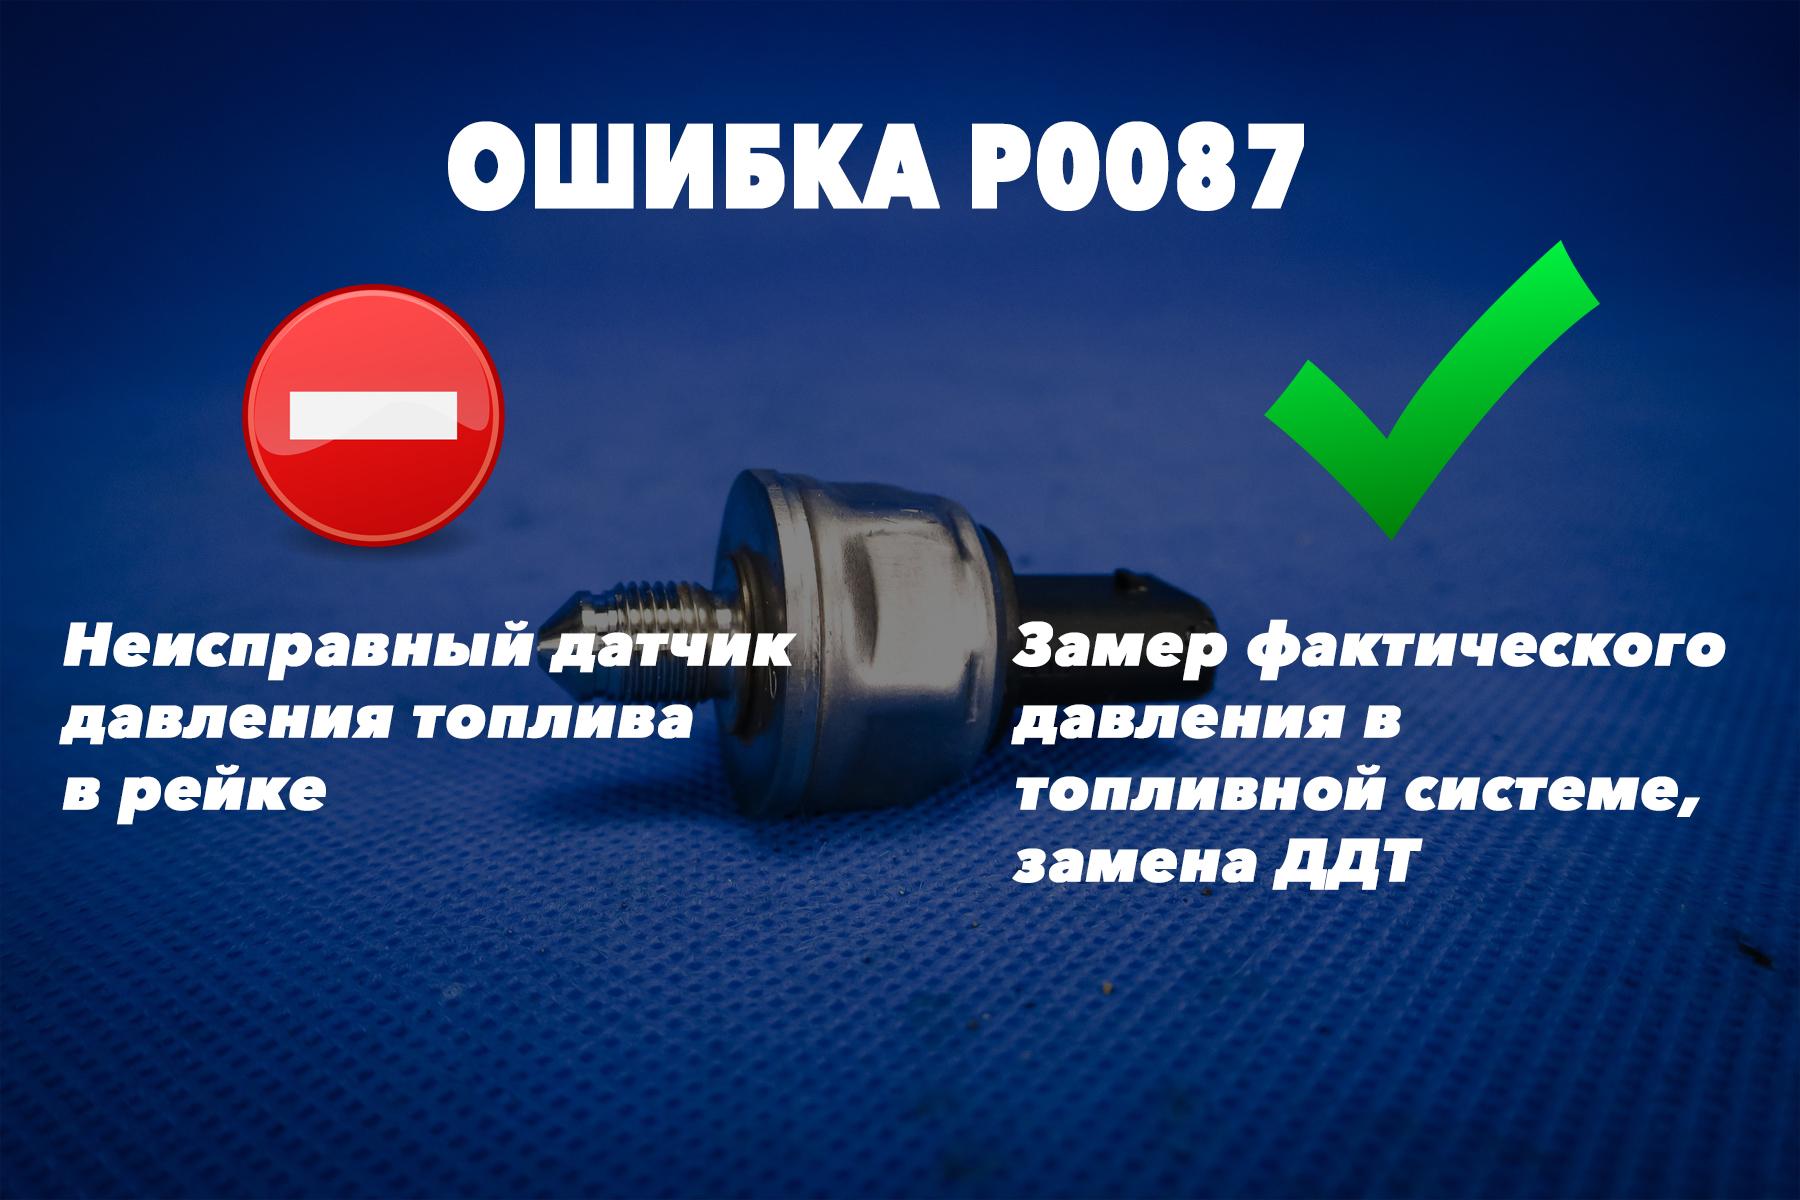 P0087 – неисправный датчик давления топлива в рейке